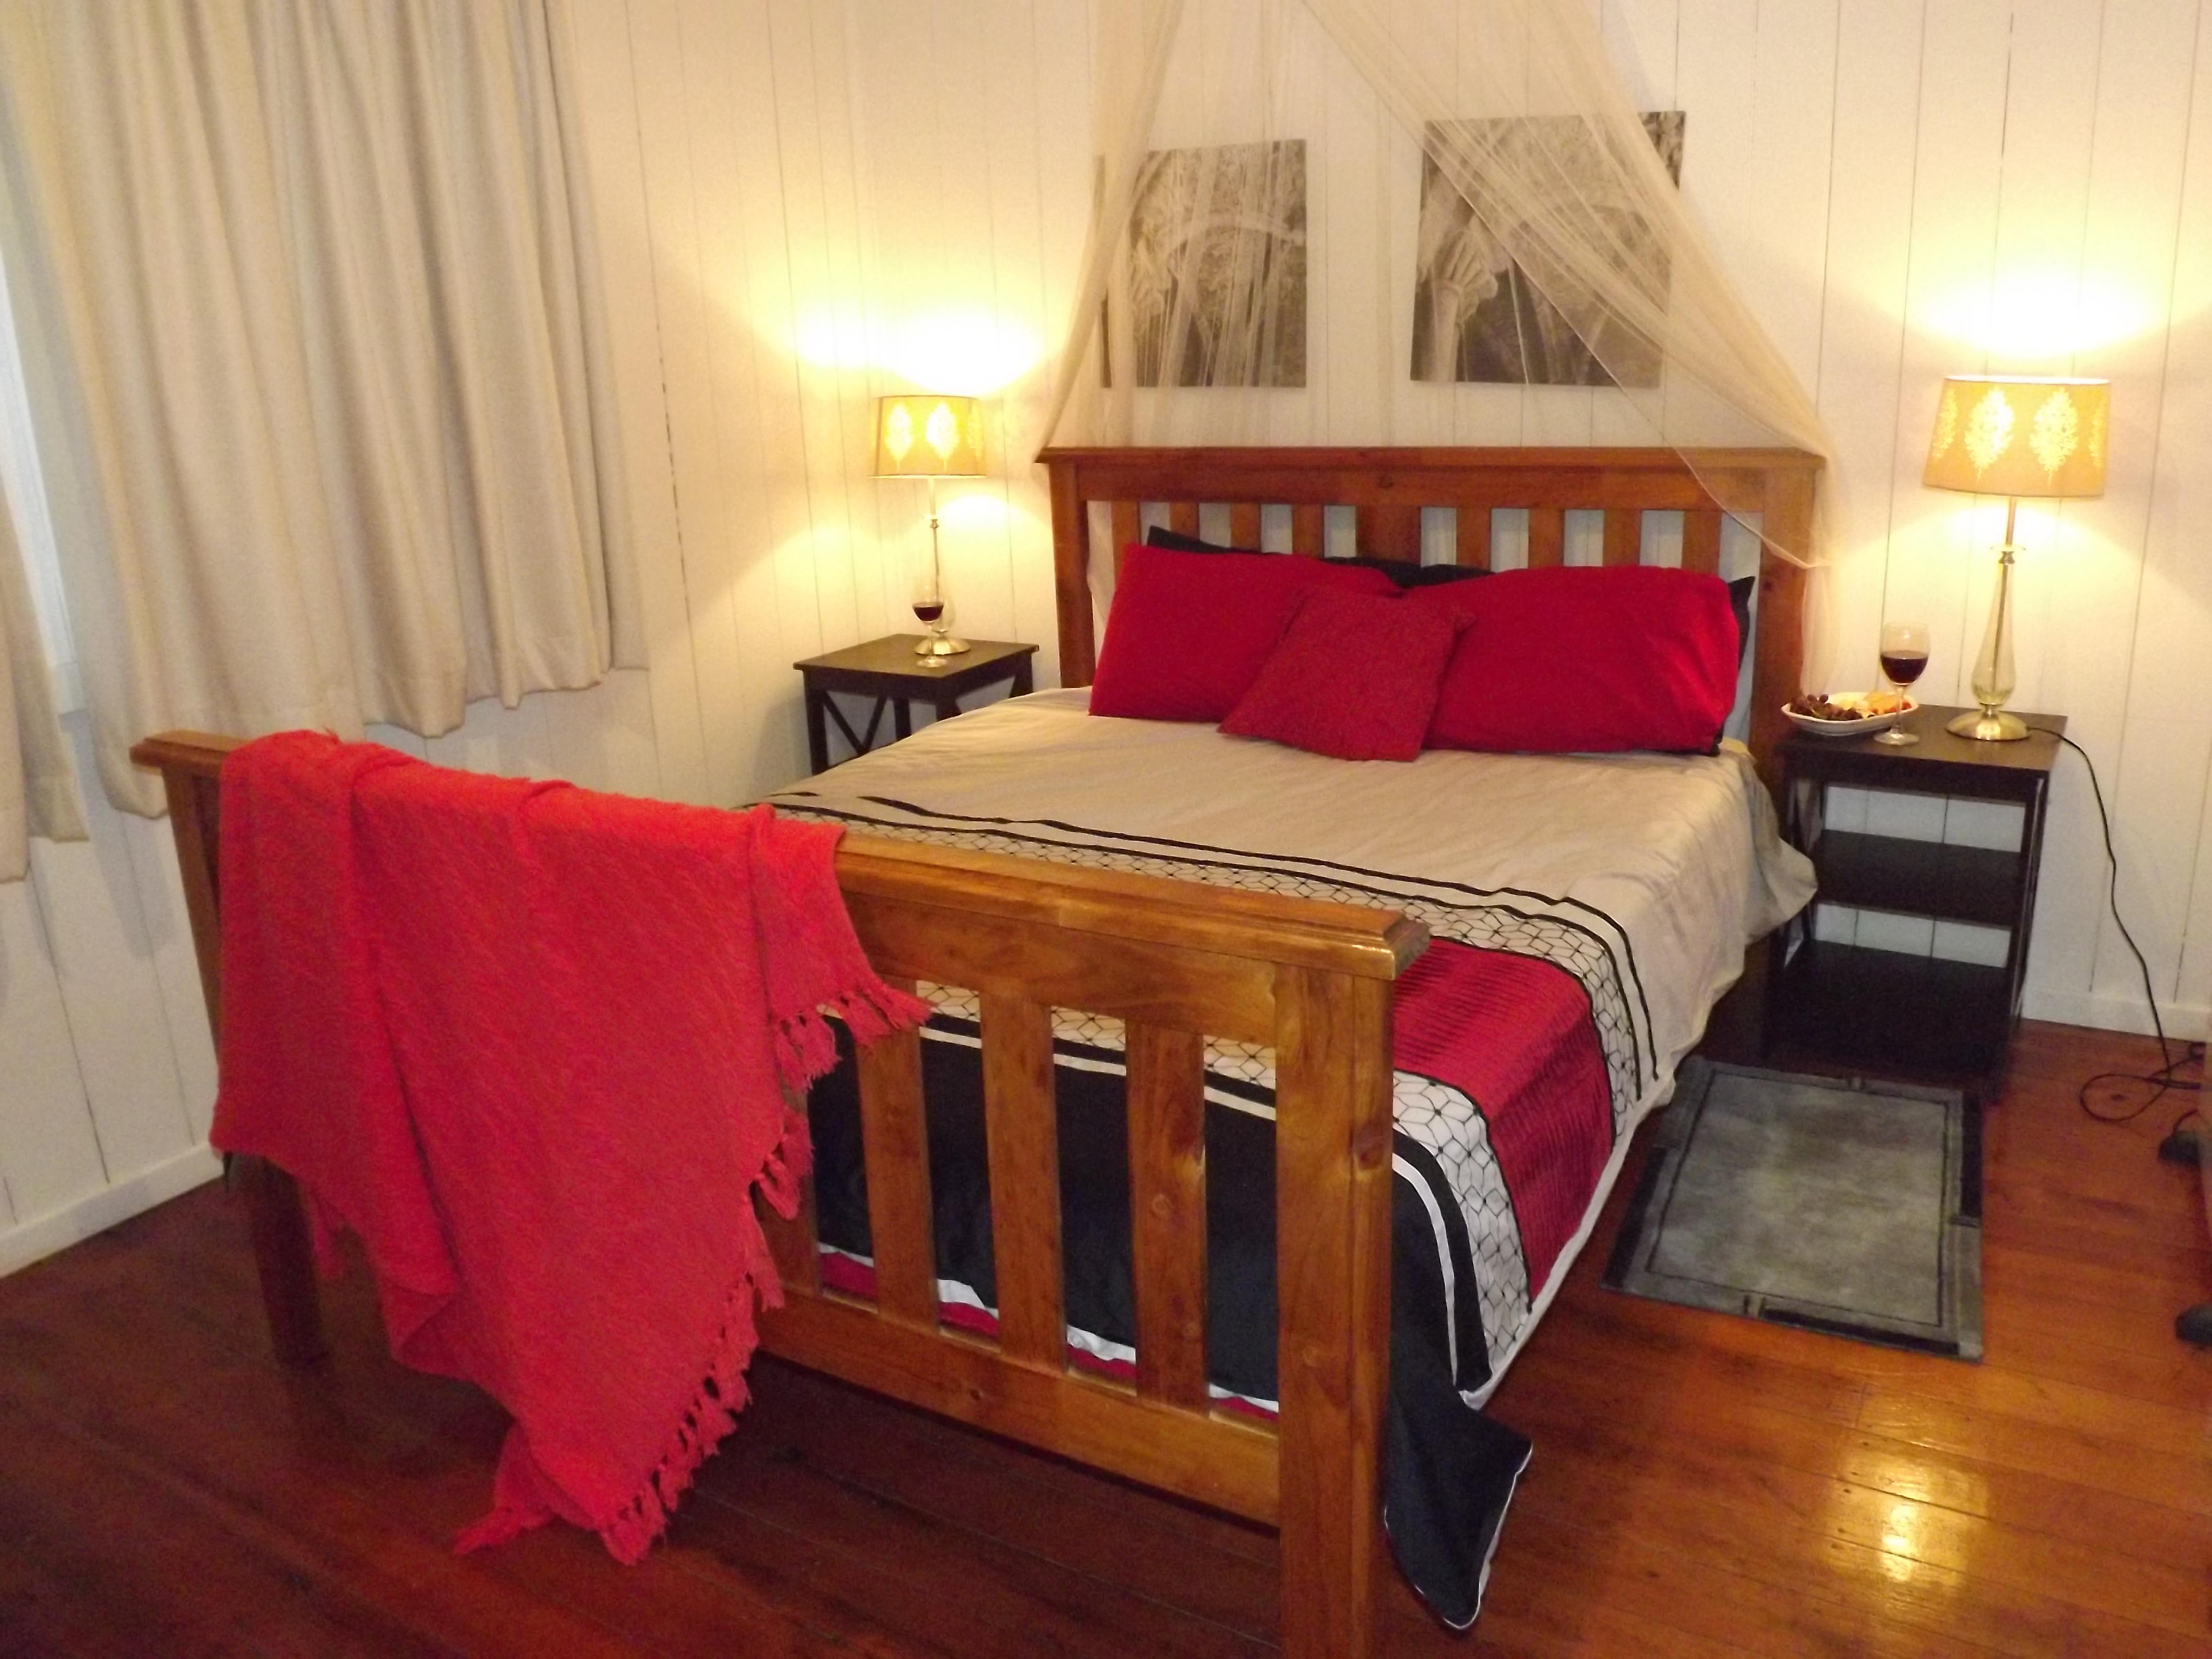 Queen bedroom gallery image